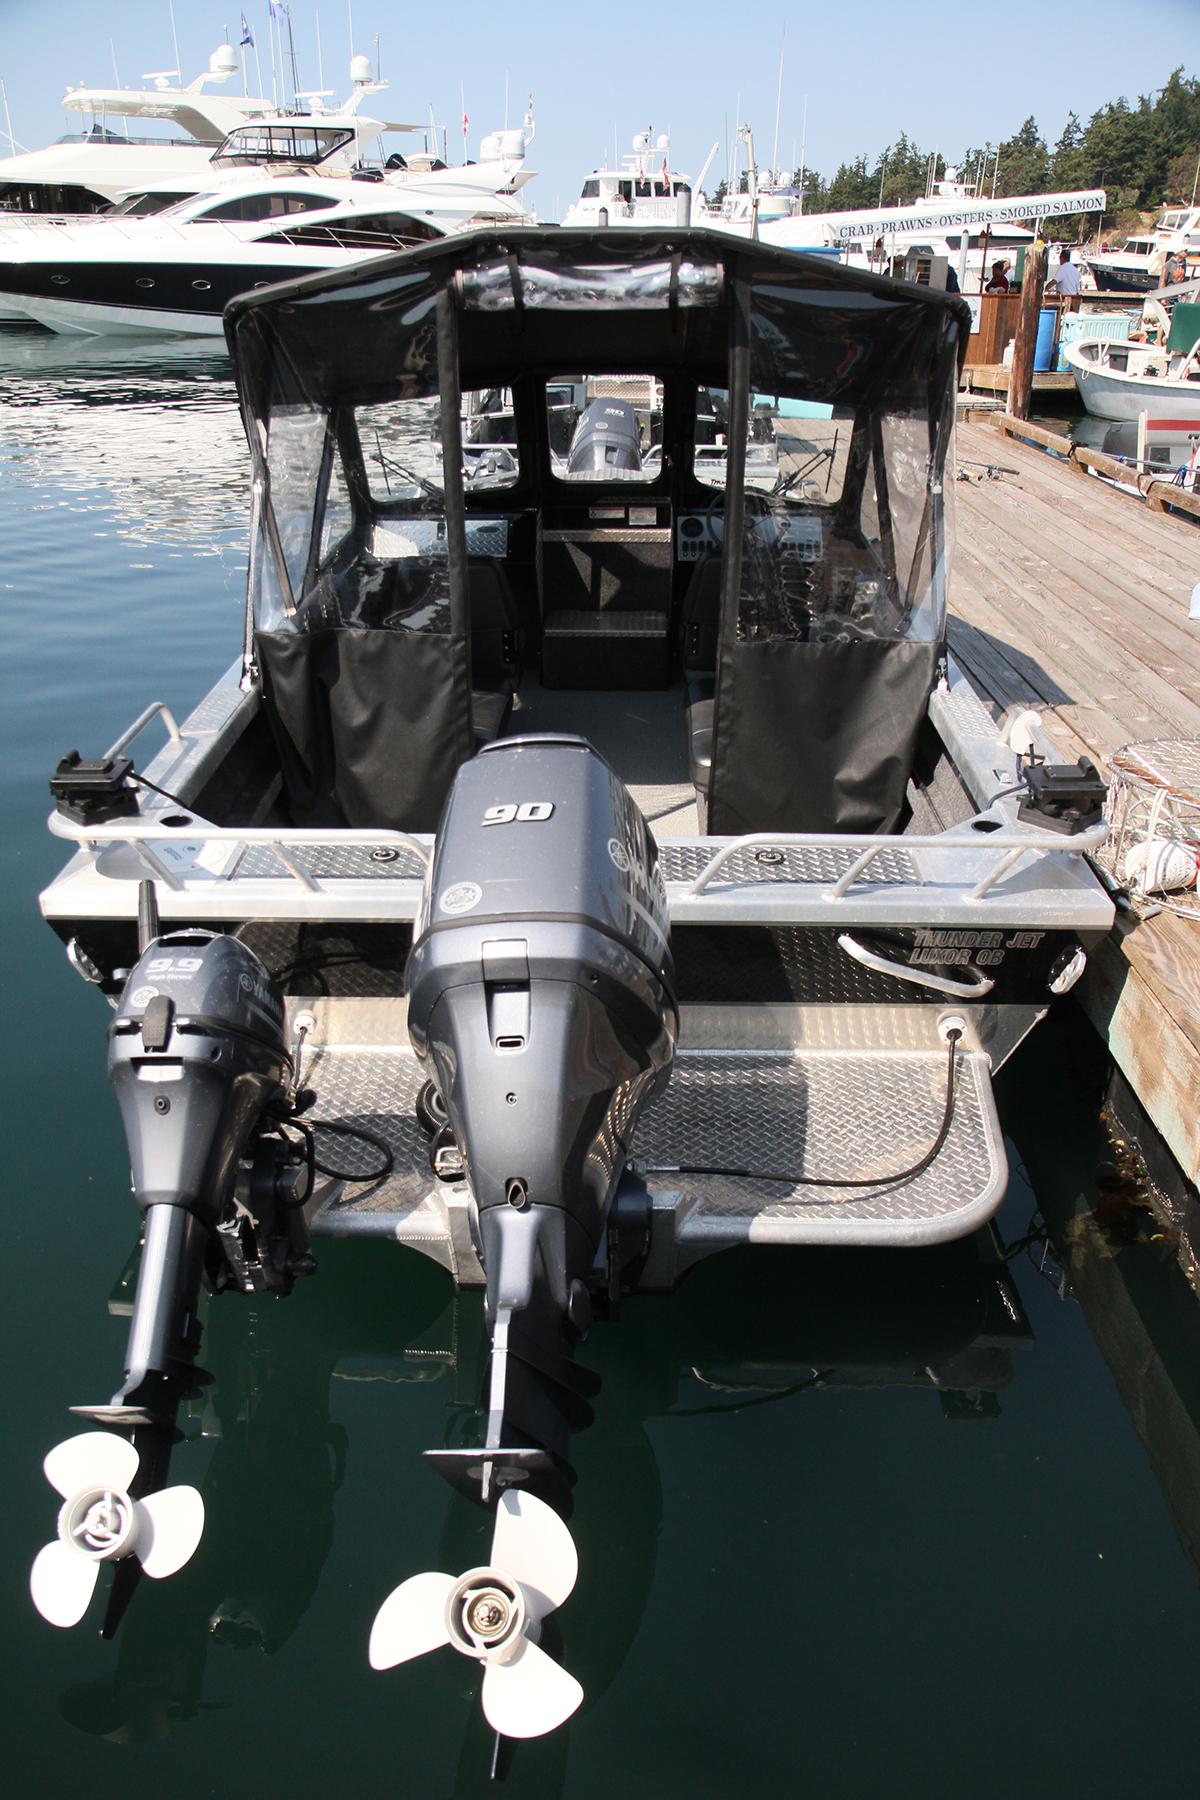 Boat Rentals, Island Boat Rentals, Roche Harbor, Friday Harbor, San Juan Island